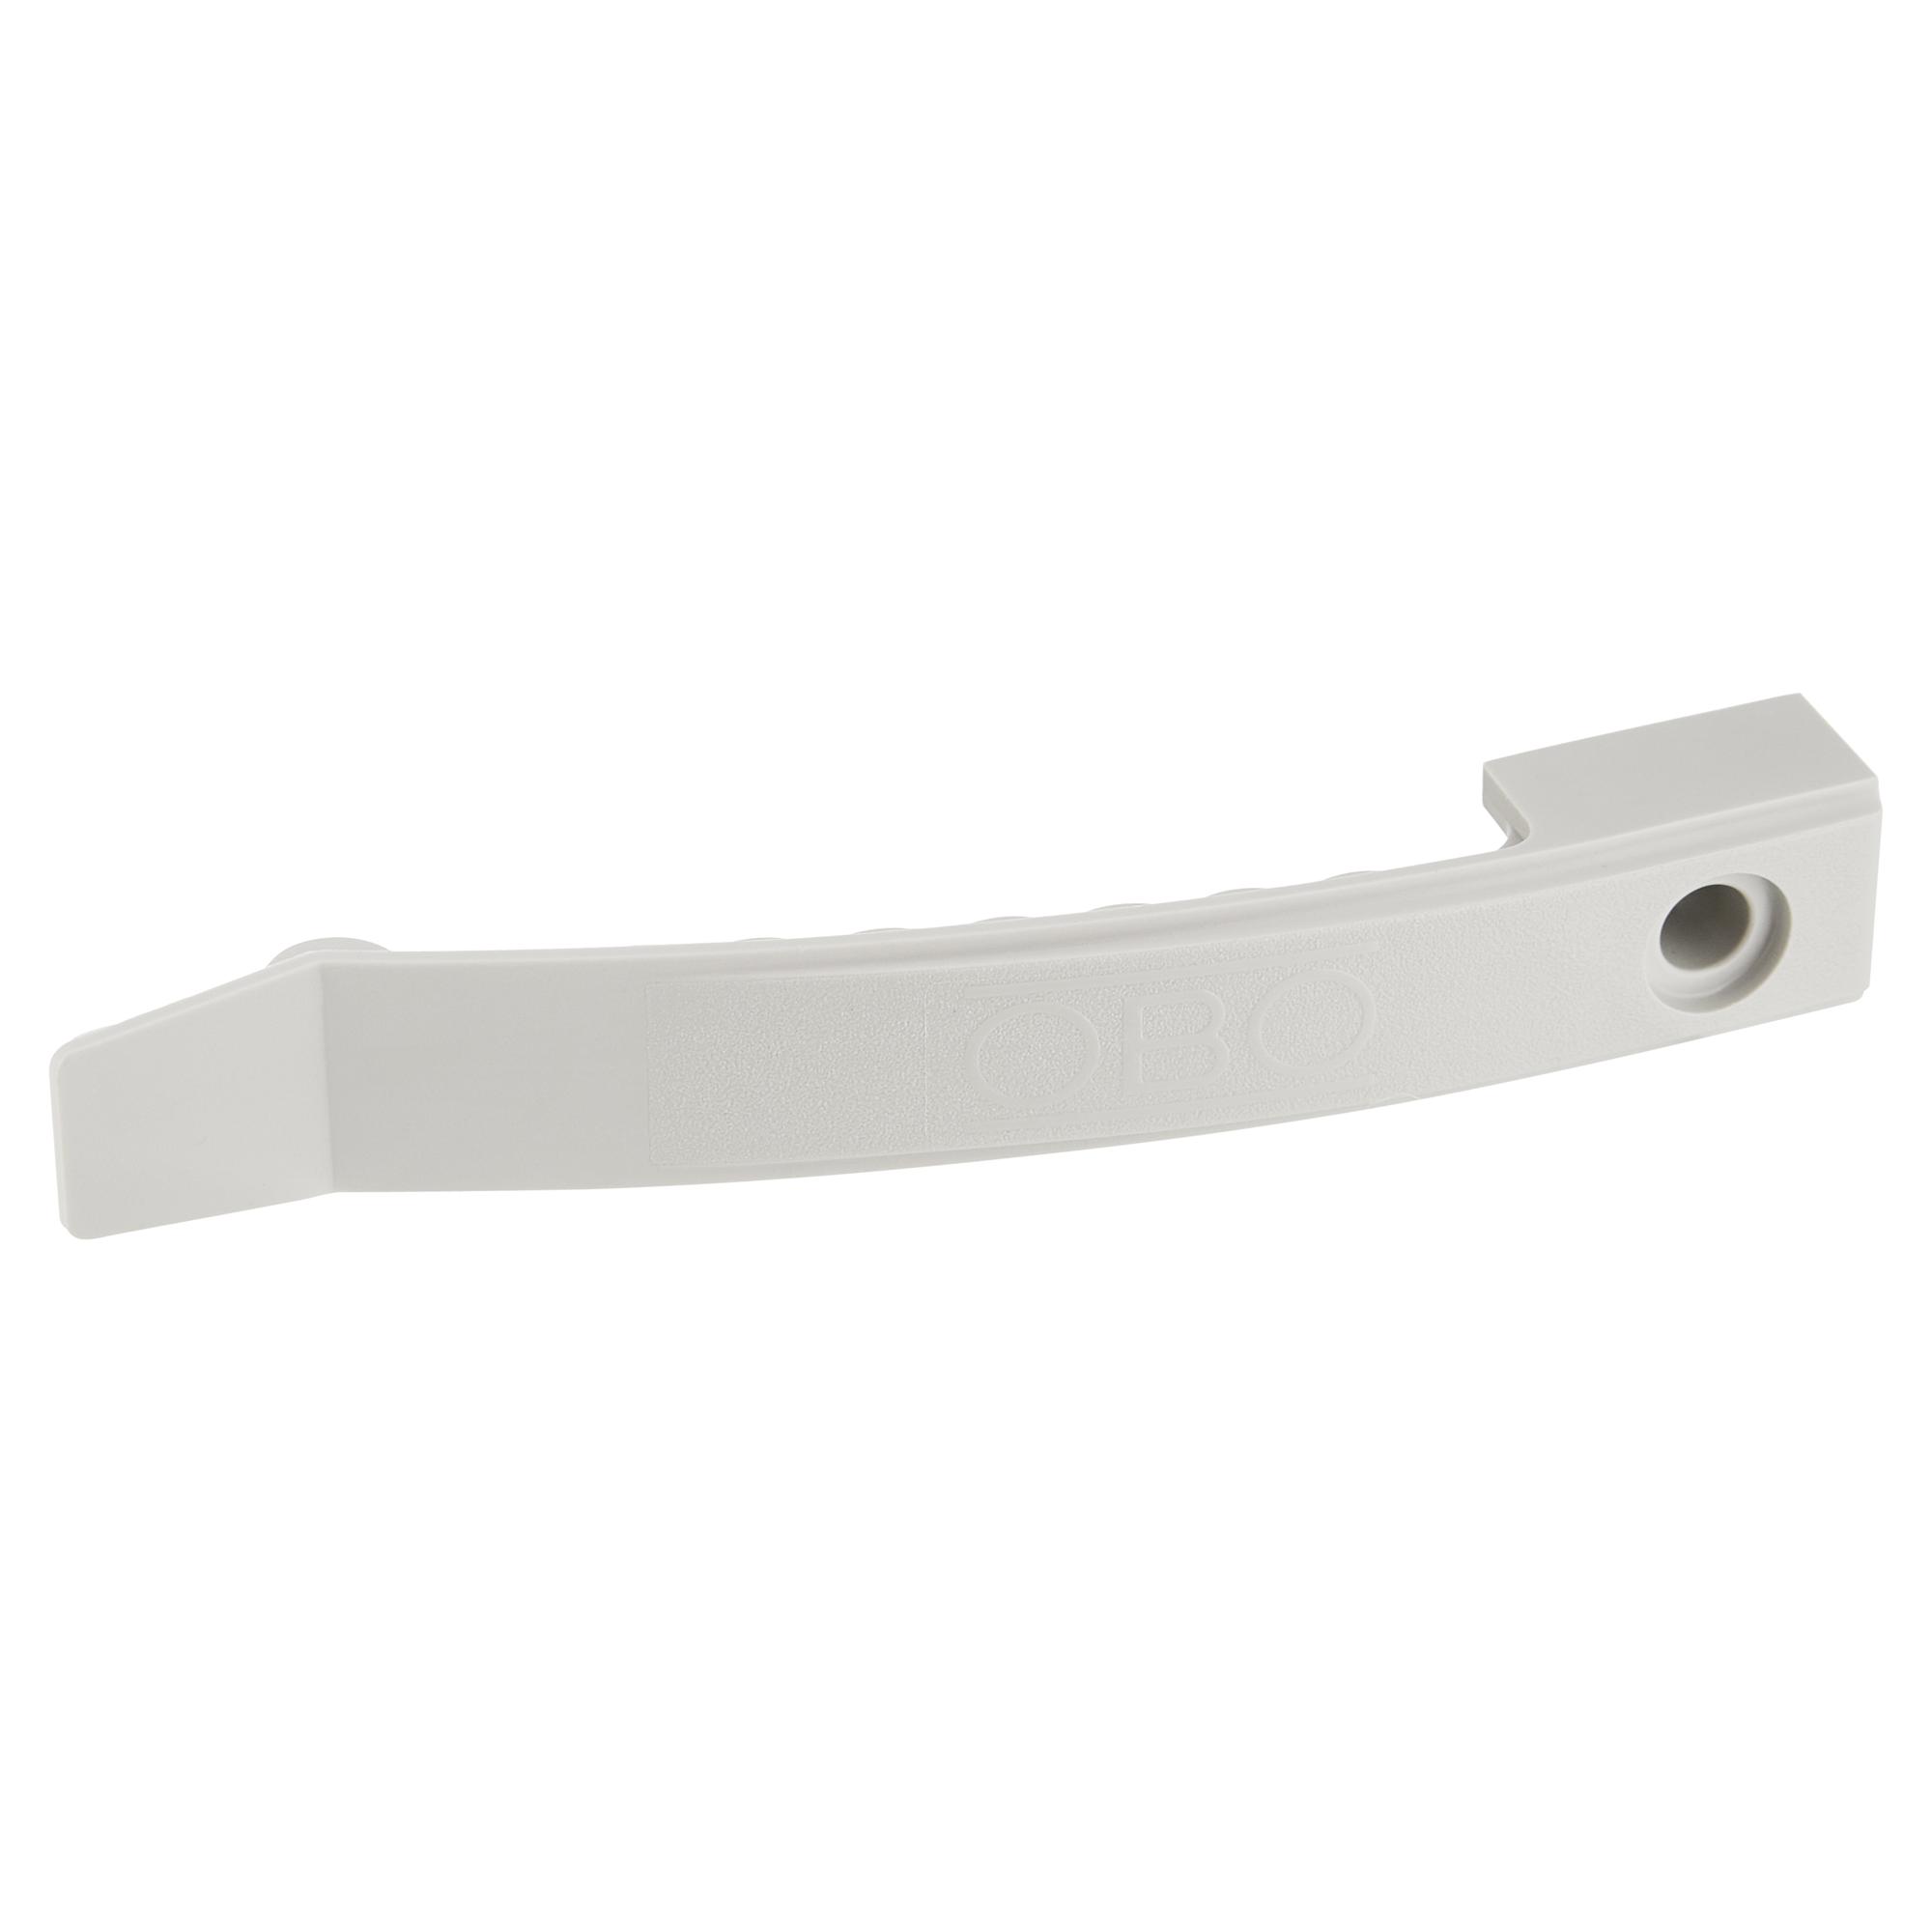 Kabelklemmen einlappig Kunststoff 9 mm 5 Stück ǀ toom Baumarkt